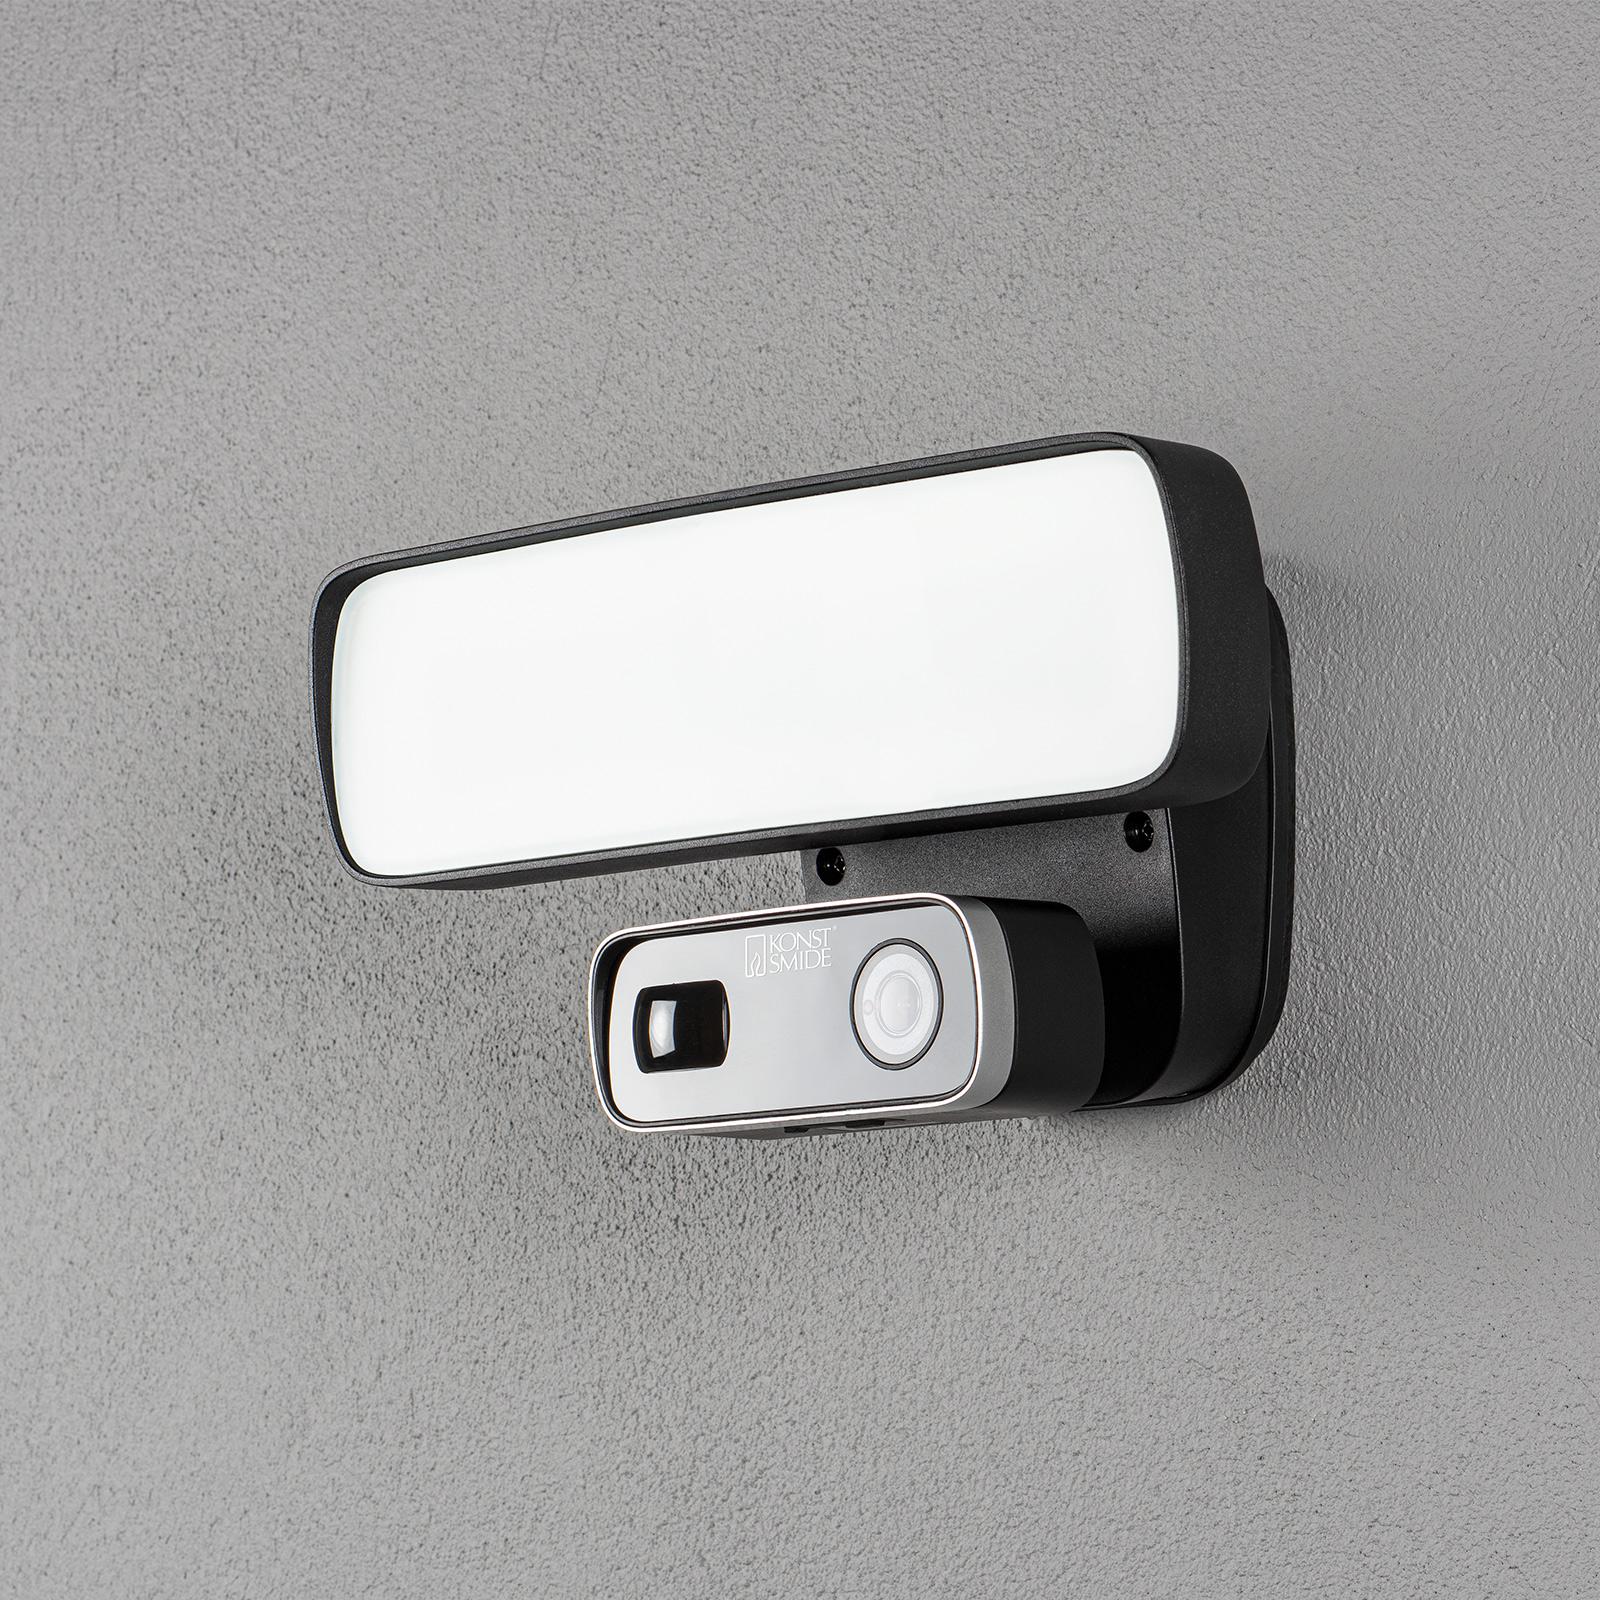 LED-kameralampe Smartlight 7868-750 WiFi 1200lm